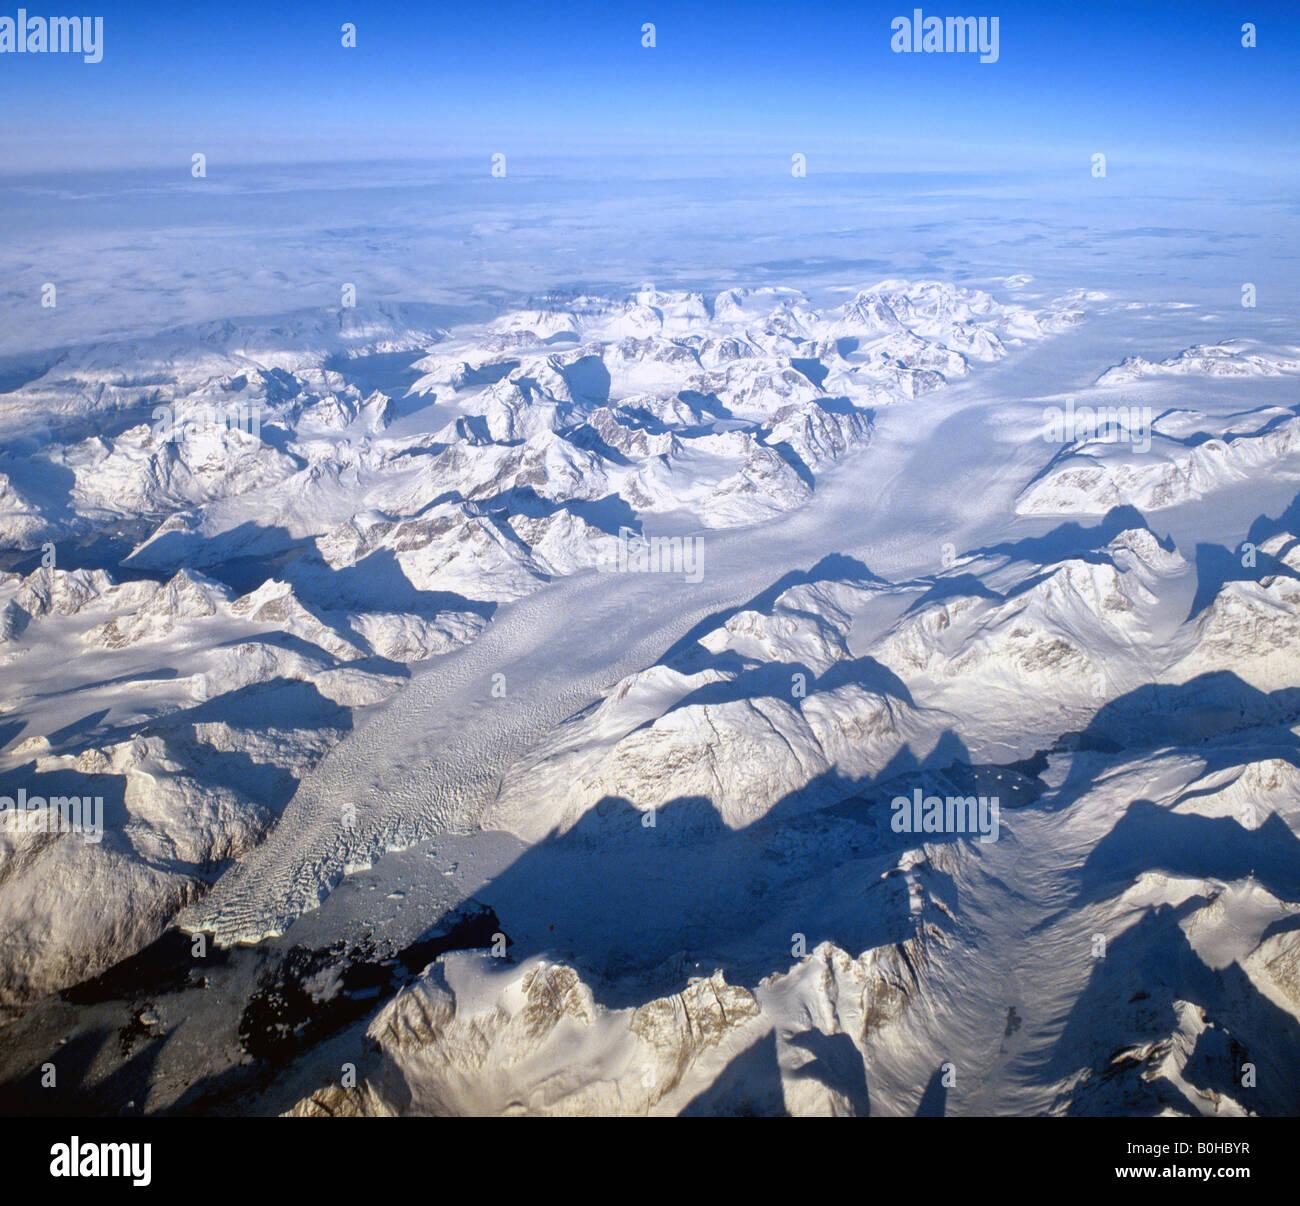 gletscher in s dgr nland blick aus einer h he von 10 000 metern luftaufnahme gr nland. Black Bedroom Furniture Sets. Home Design Ideas